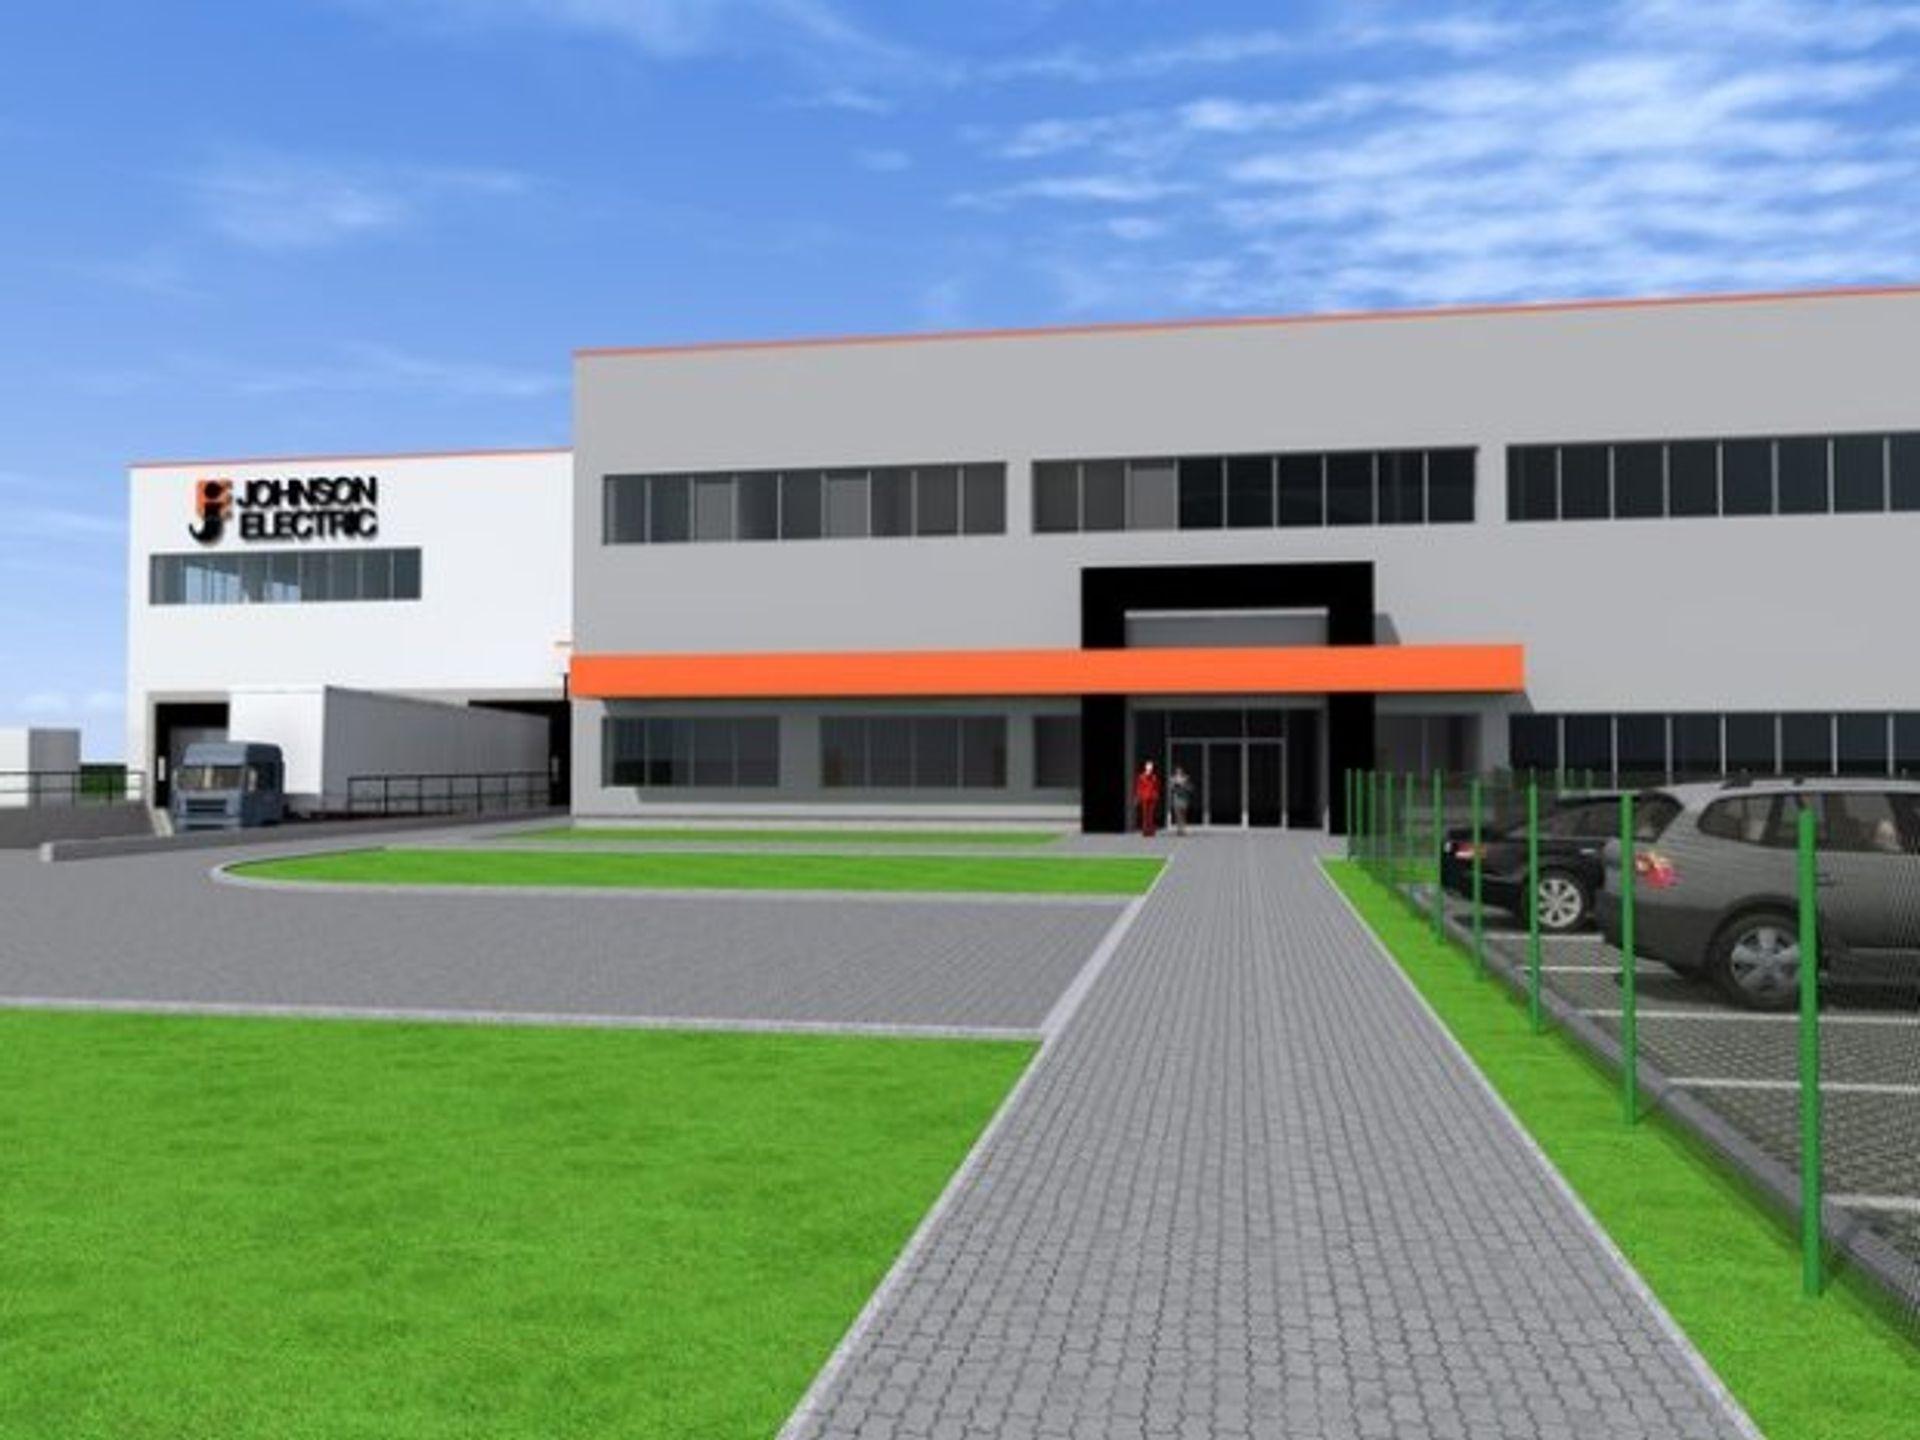 [śląskie] 1000 nowych miejsc pracy w Będzinie dzięki inwestycji Johnson Electric